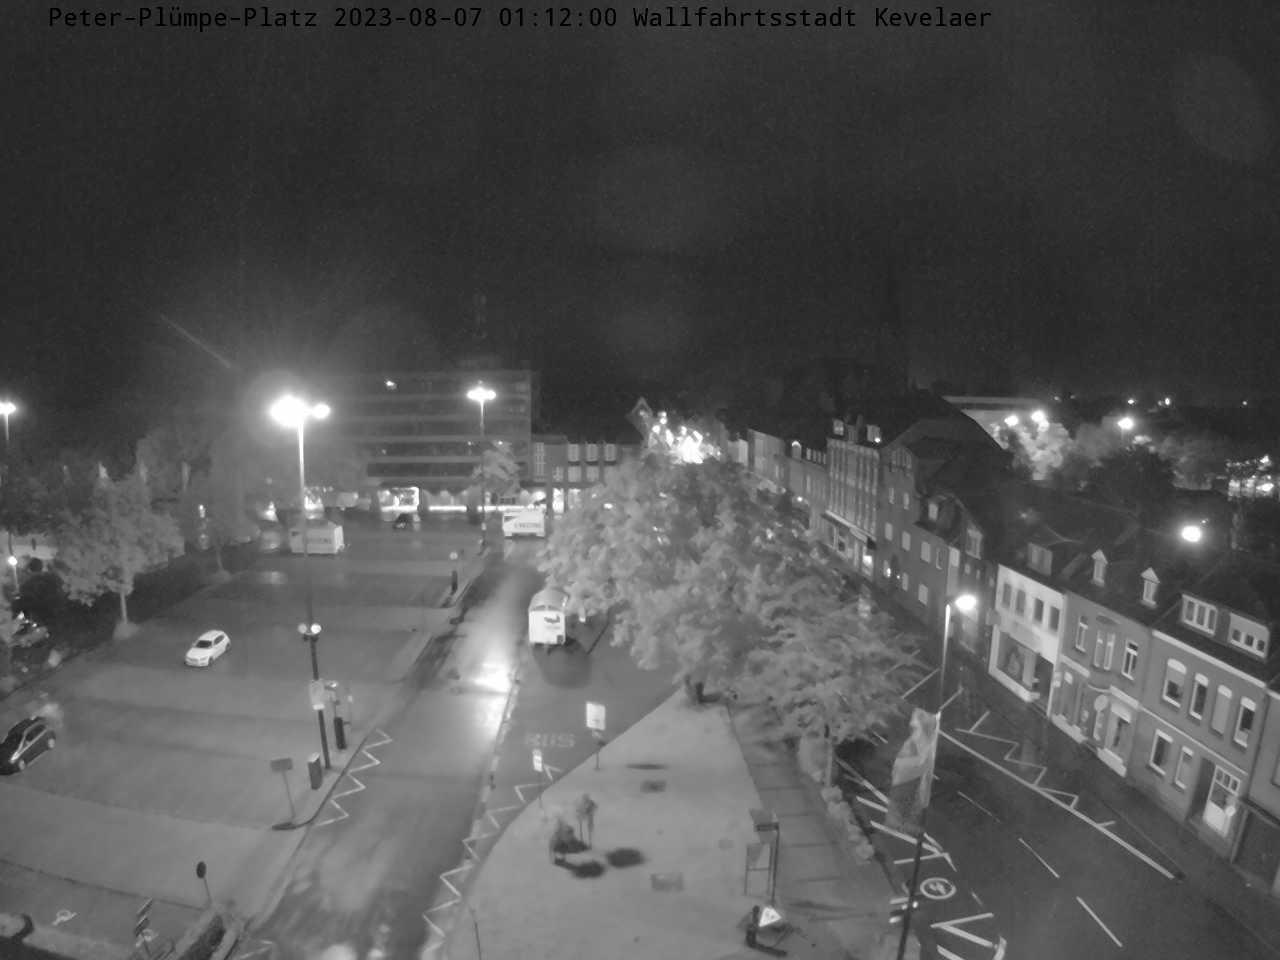 Bild der Webcam mit Blick auf den Peter-Plümpe Platz